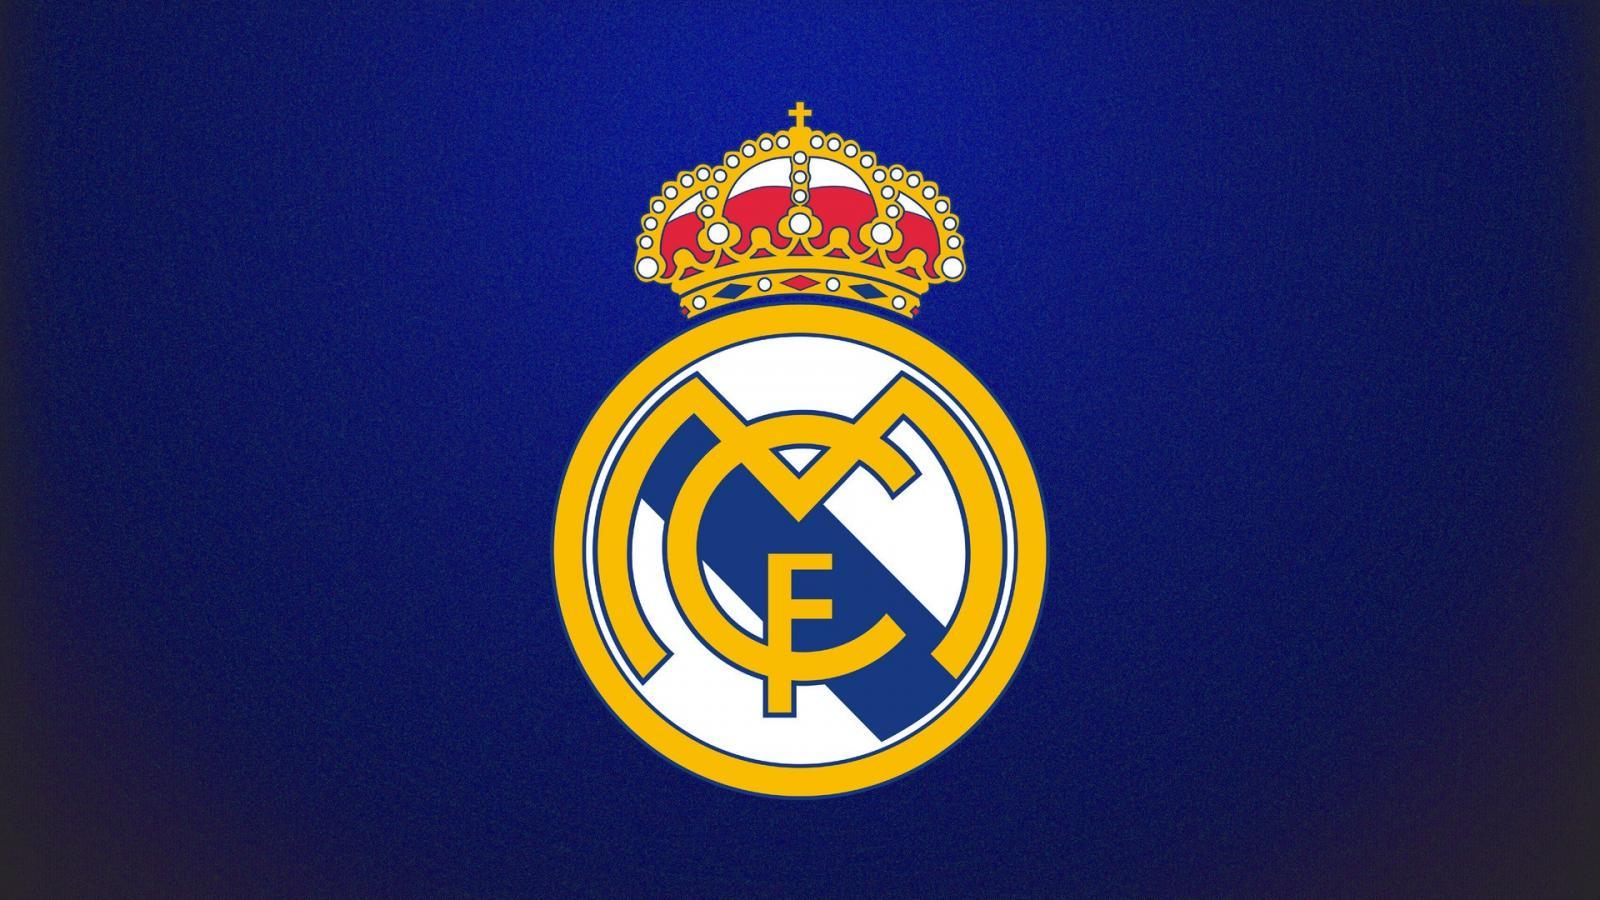 Prediksi Liga Spanyol - Real Madrid Logo - Hasil Prediksi